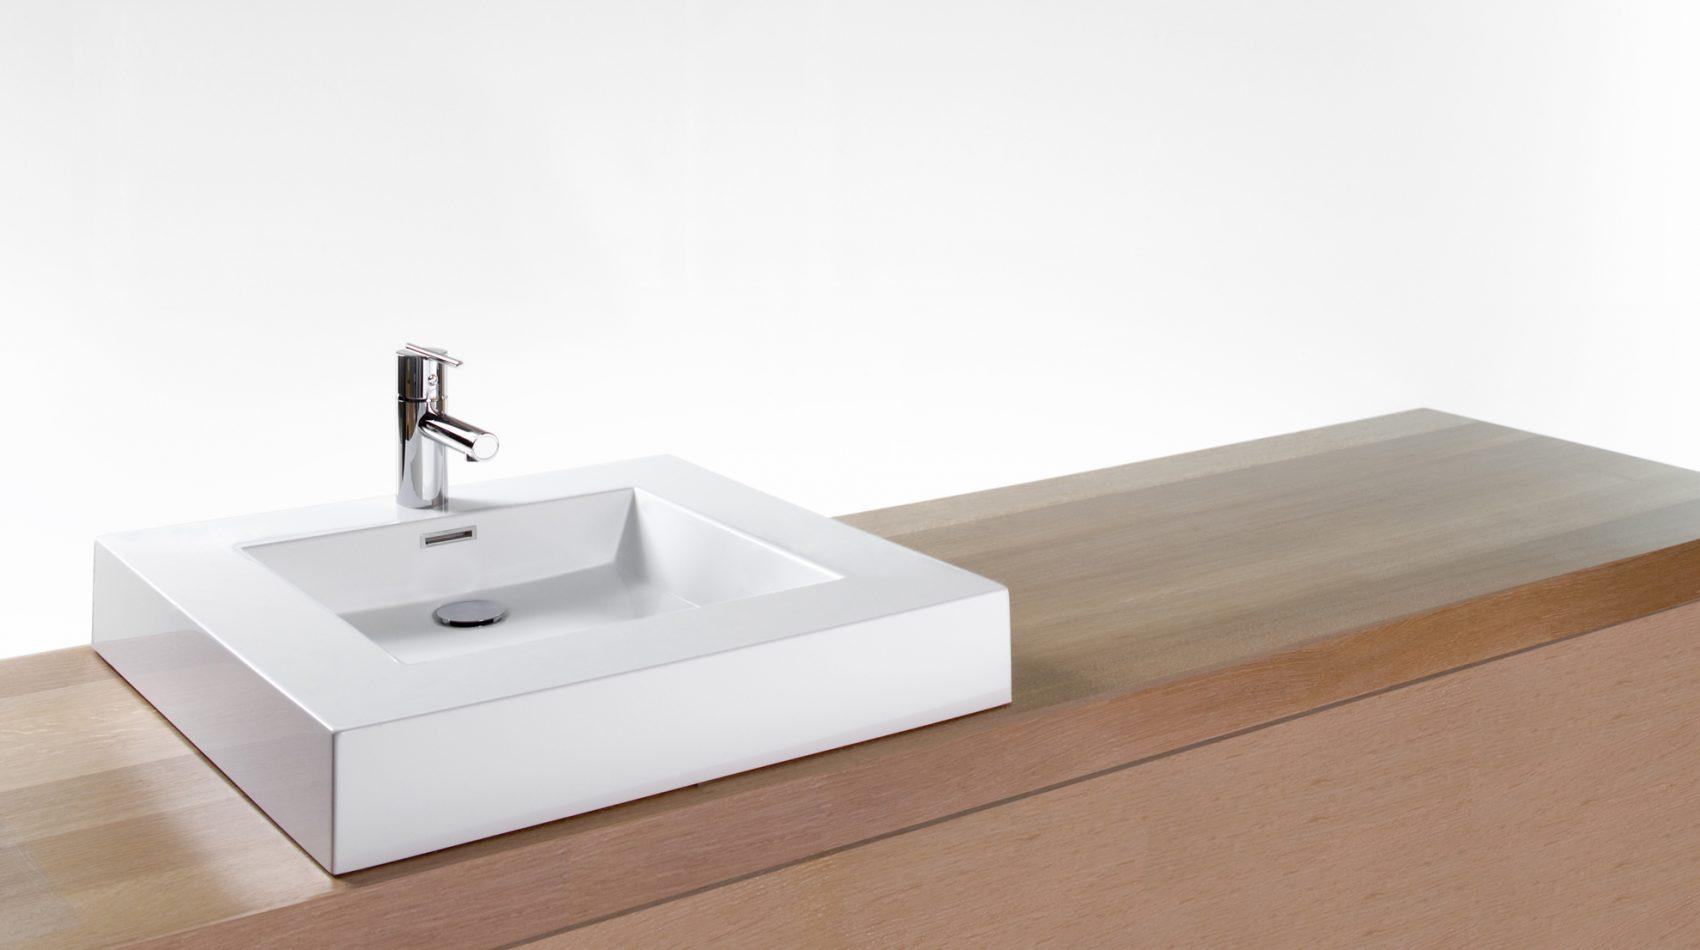 Comment Choisir Un Lavabo De Salle De Bain Pour Votre Prochain Projet De Renovation Wetstyle